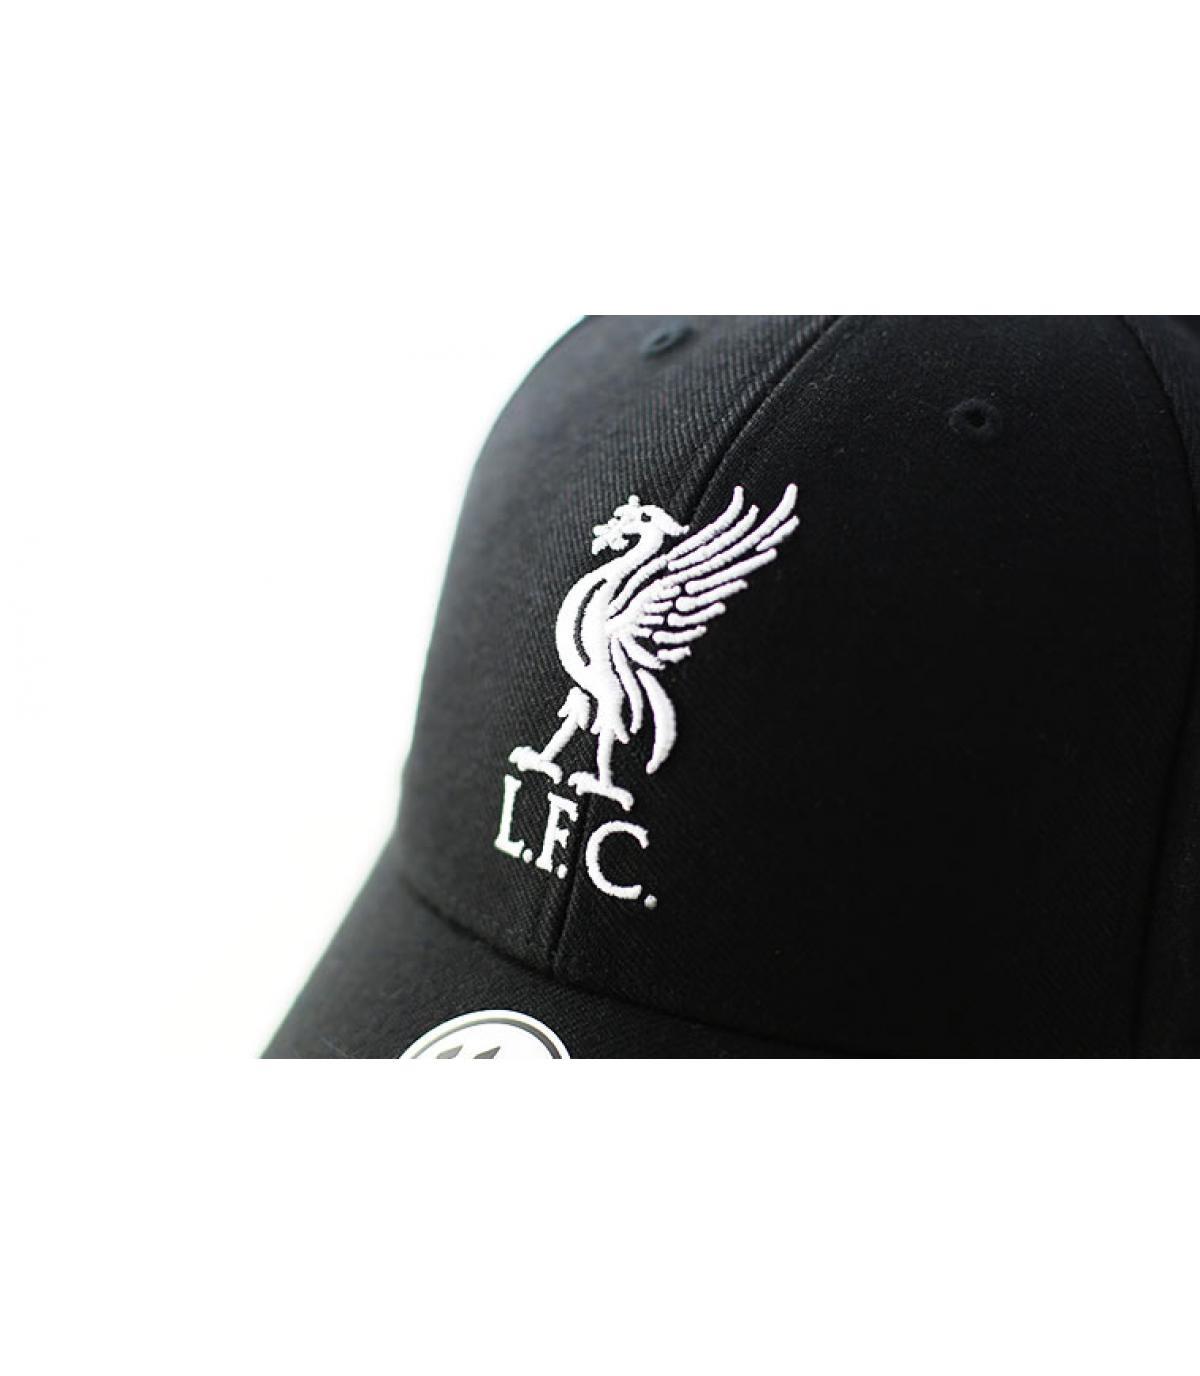 Détails MVP Liverpool FC black - image 3